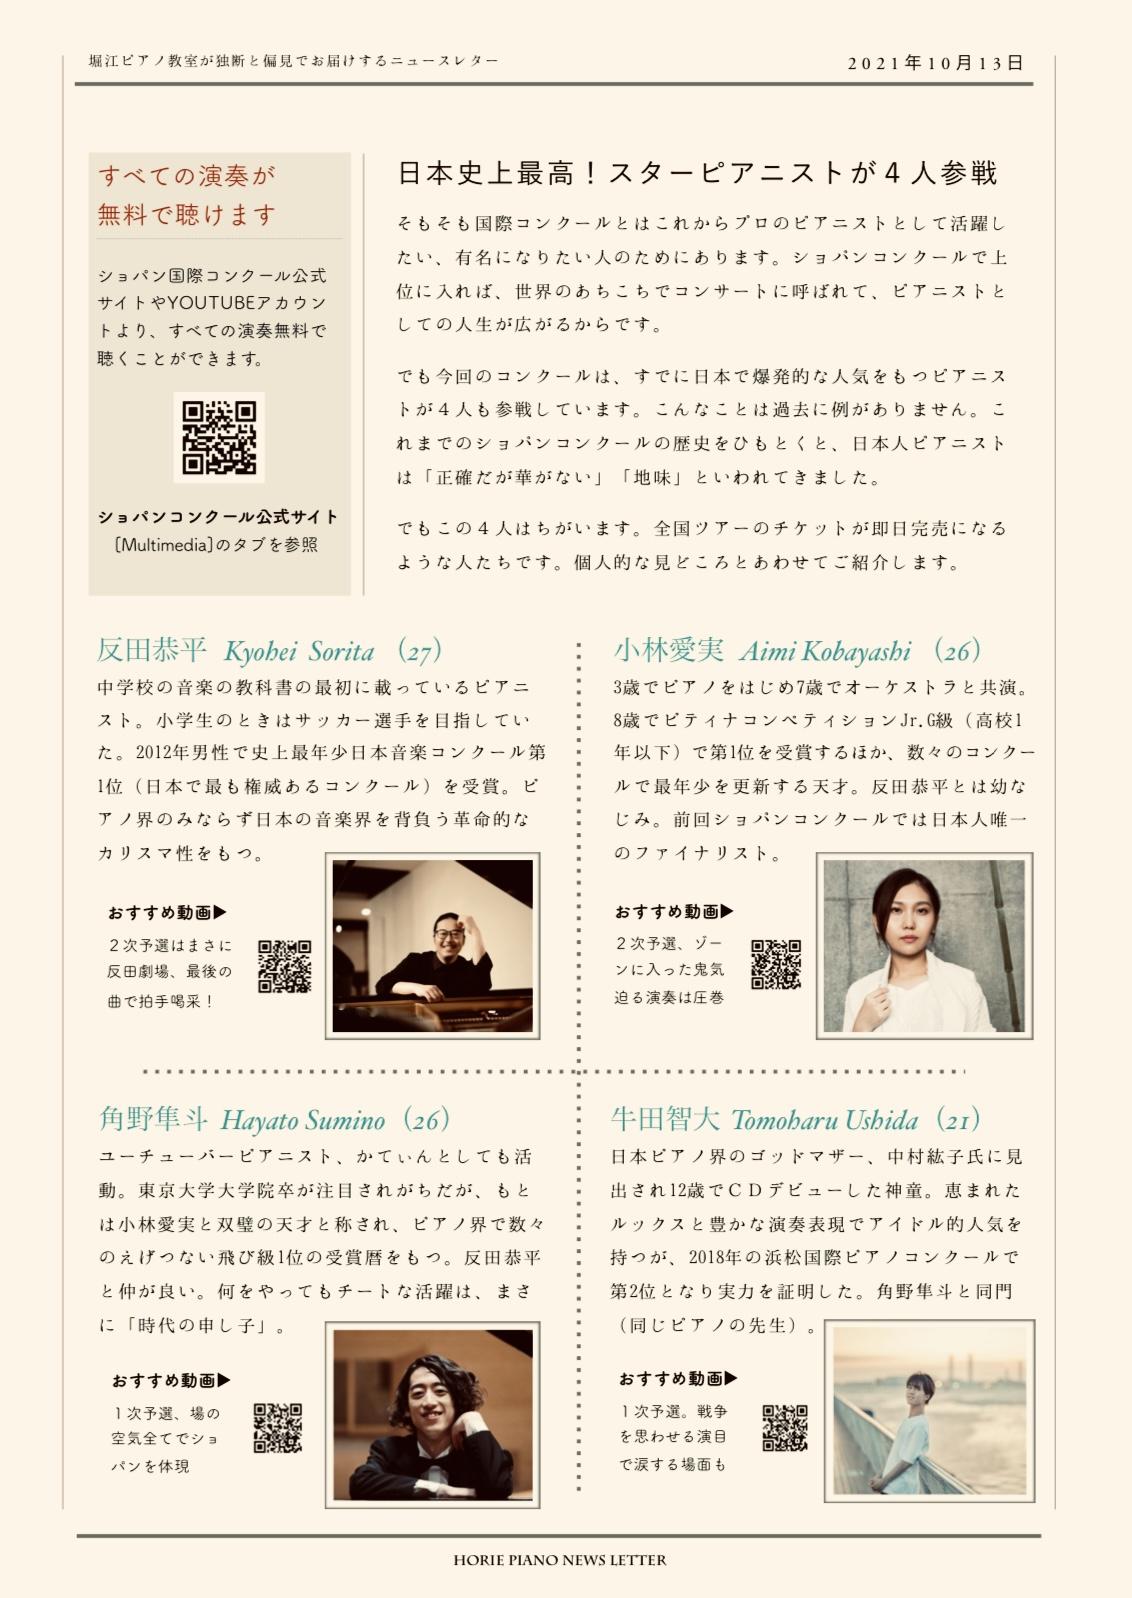 【ニュースレター】第18回ショパン国際ピアノコンクール